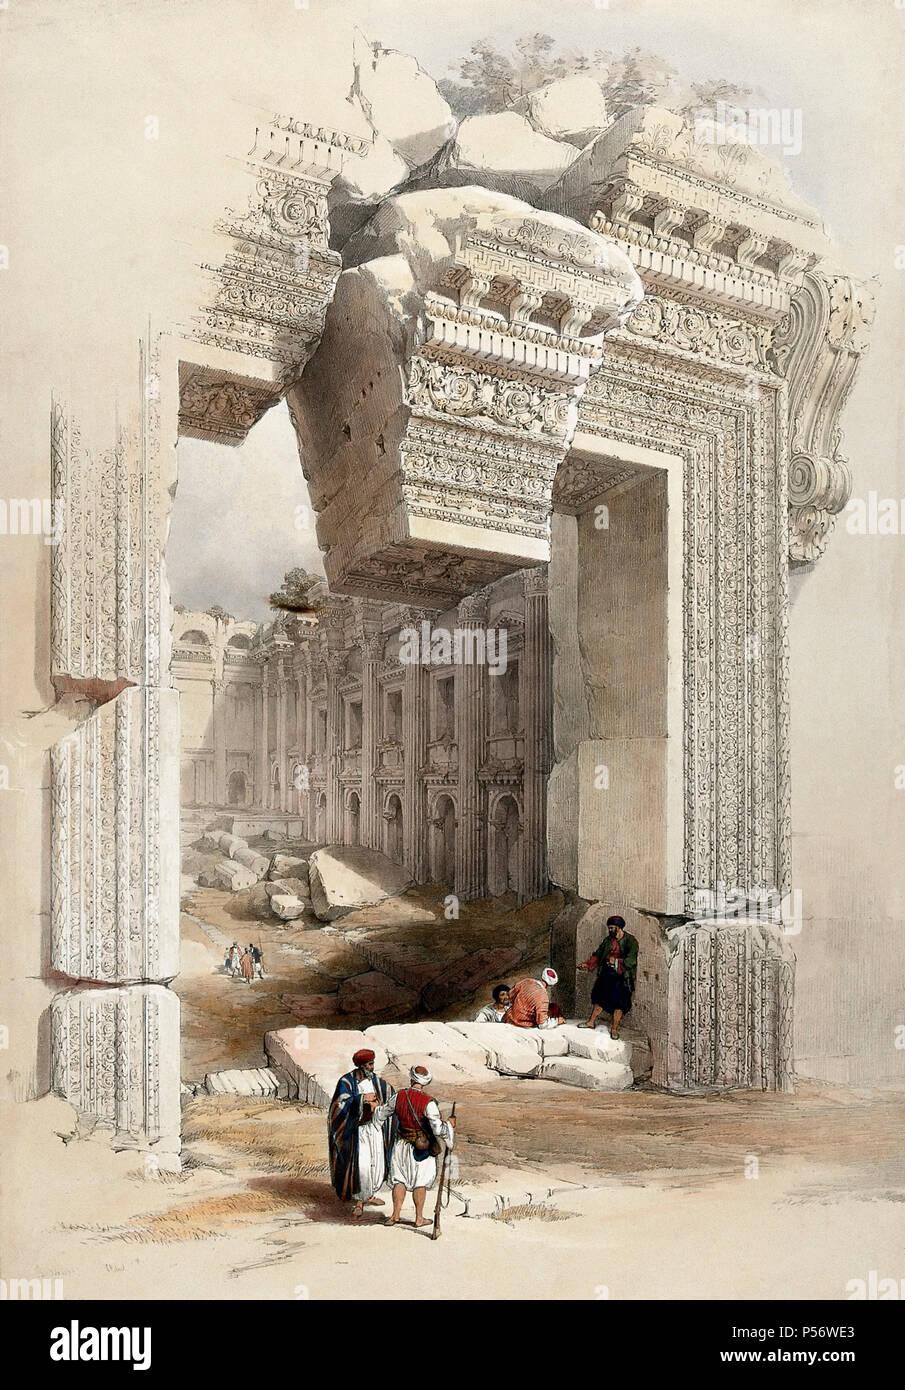 Il portale, Baalbec, Libano. Litografia da Louis Haghe, dopo David Roberts. Immagini Stock